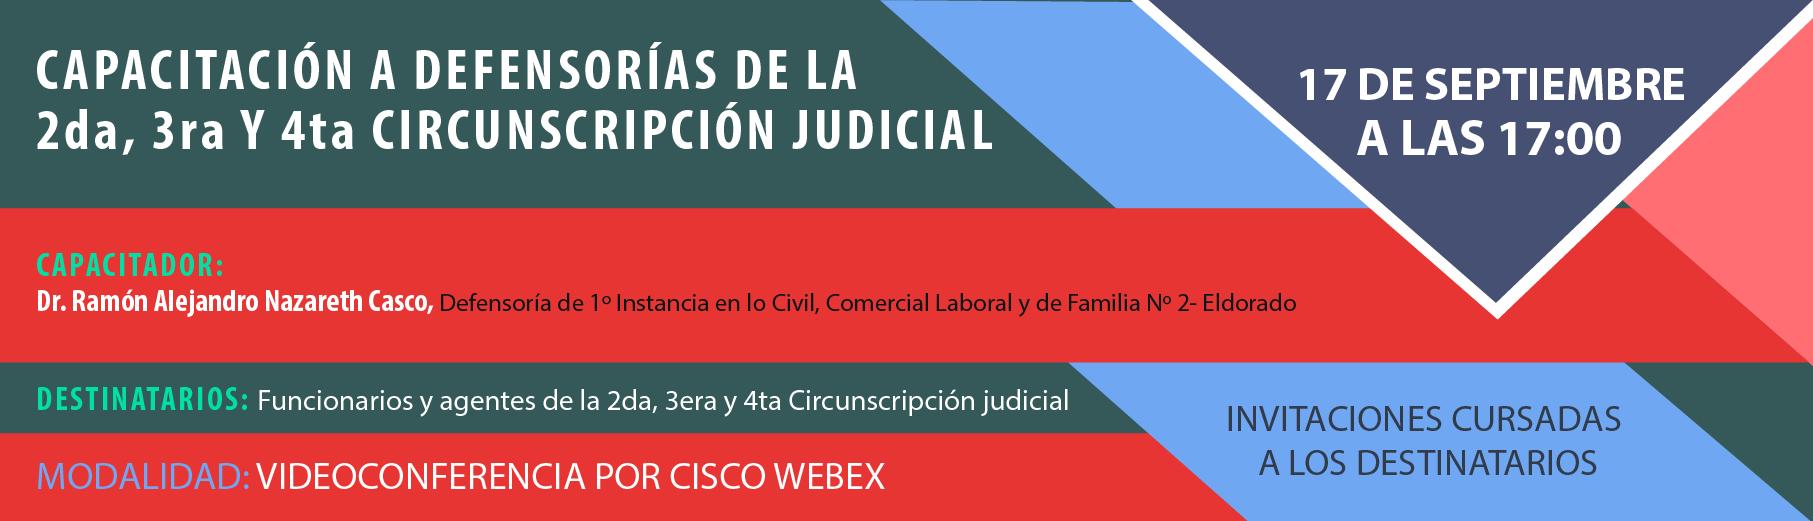 Capacitación a Defensorías de la 2da, 3era y 4ta Circunscripción Judicial